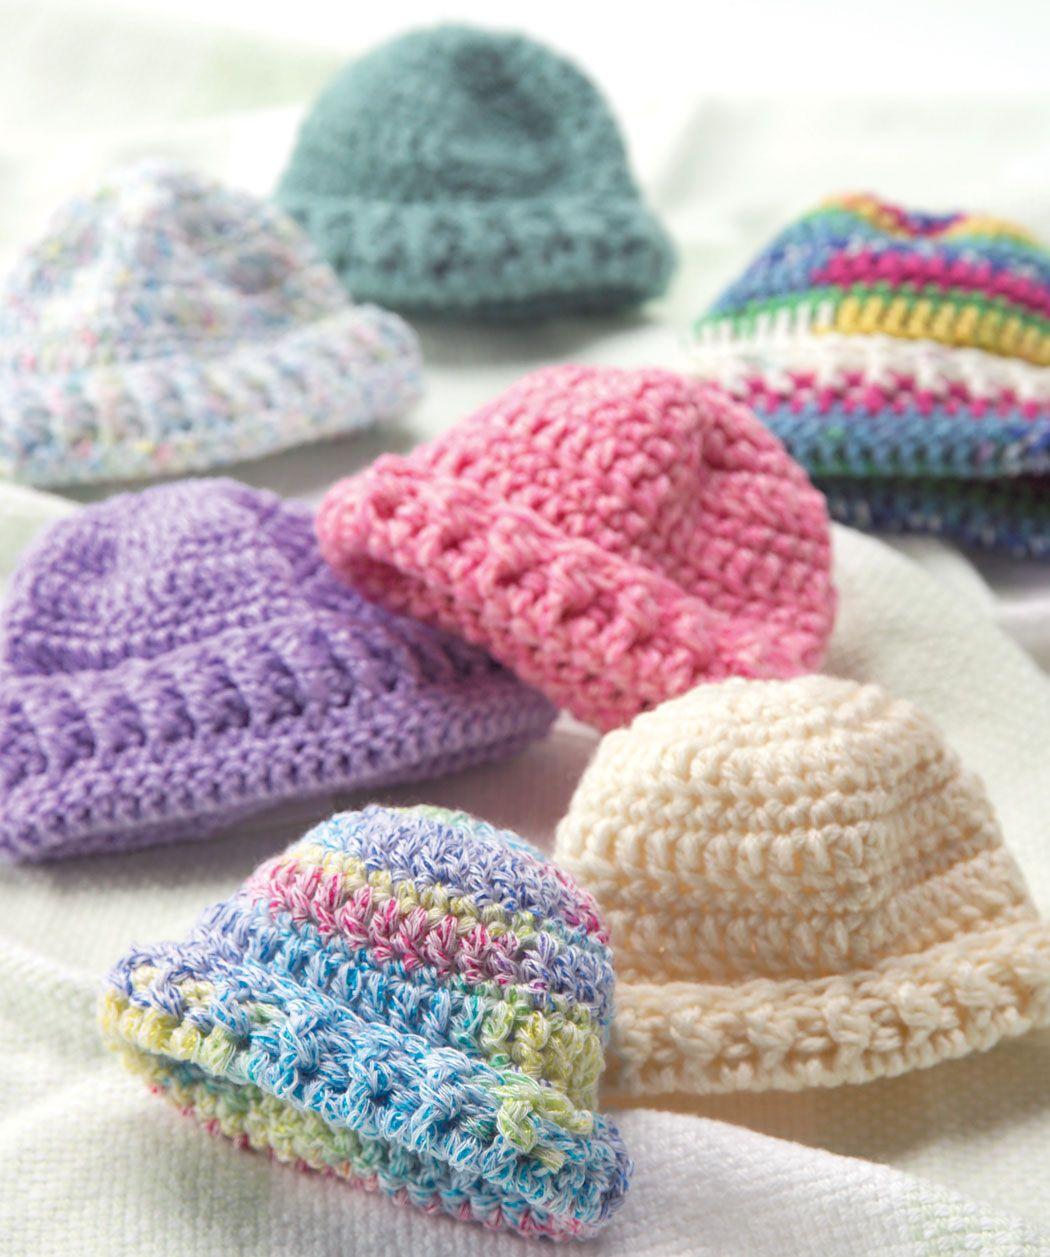 Wee little newborn hats: free knit or crochet patterns | Crochet ...